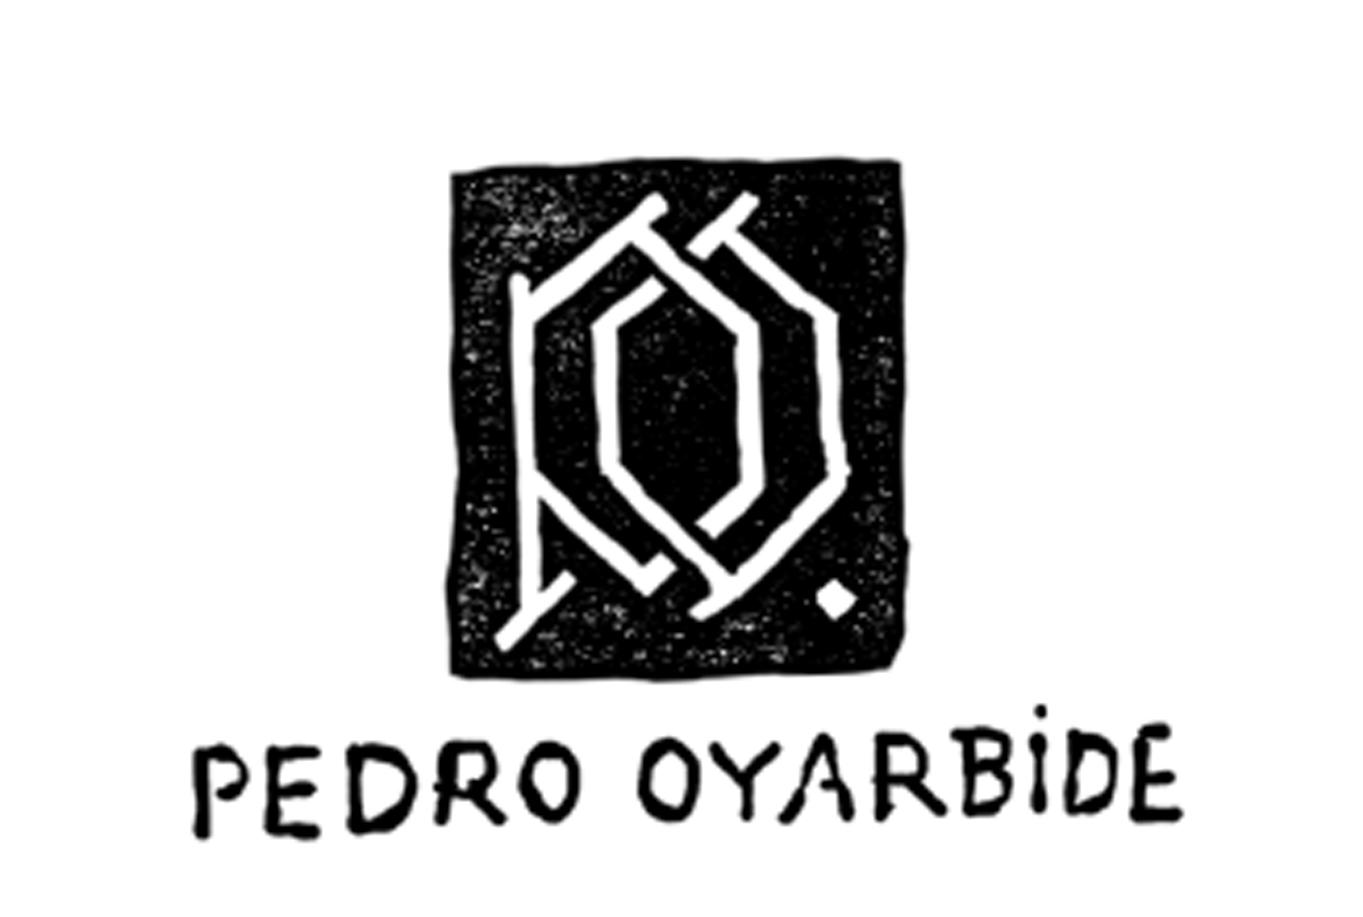 PEDRO OYARBIDE